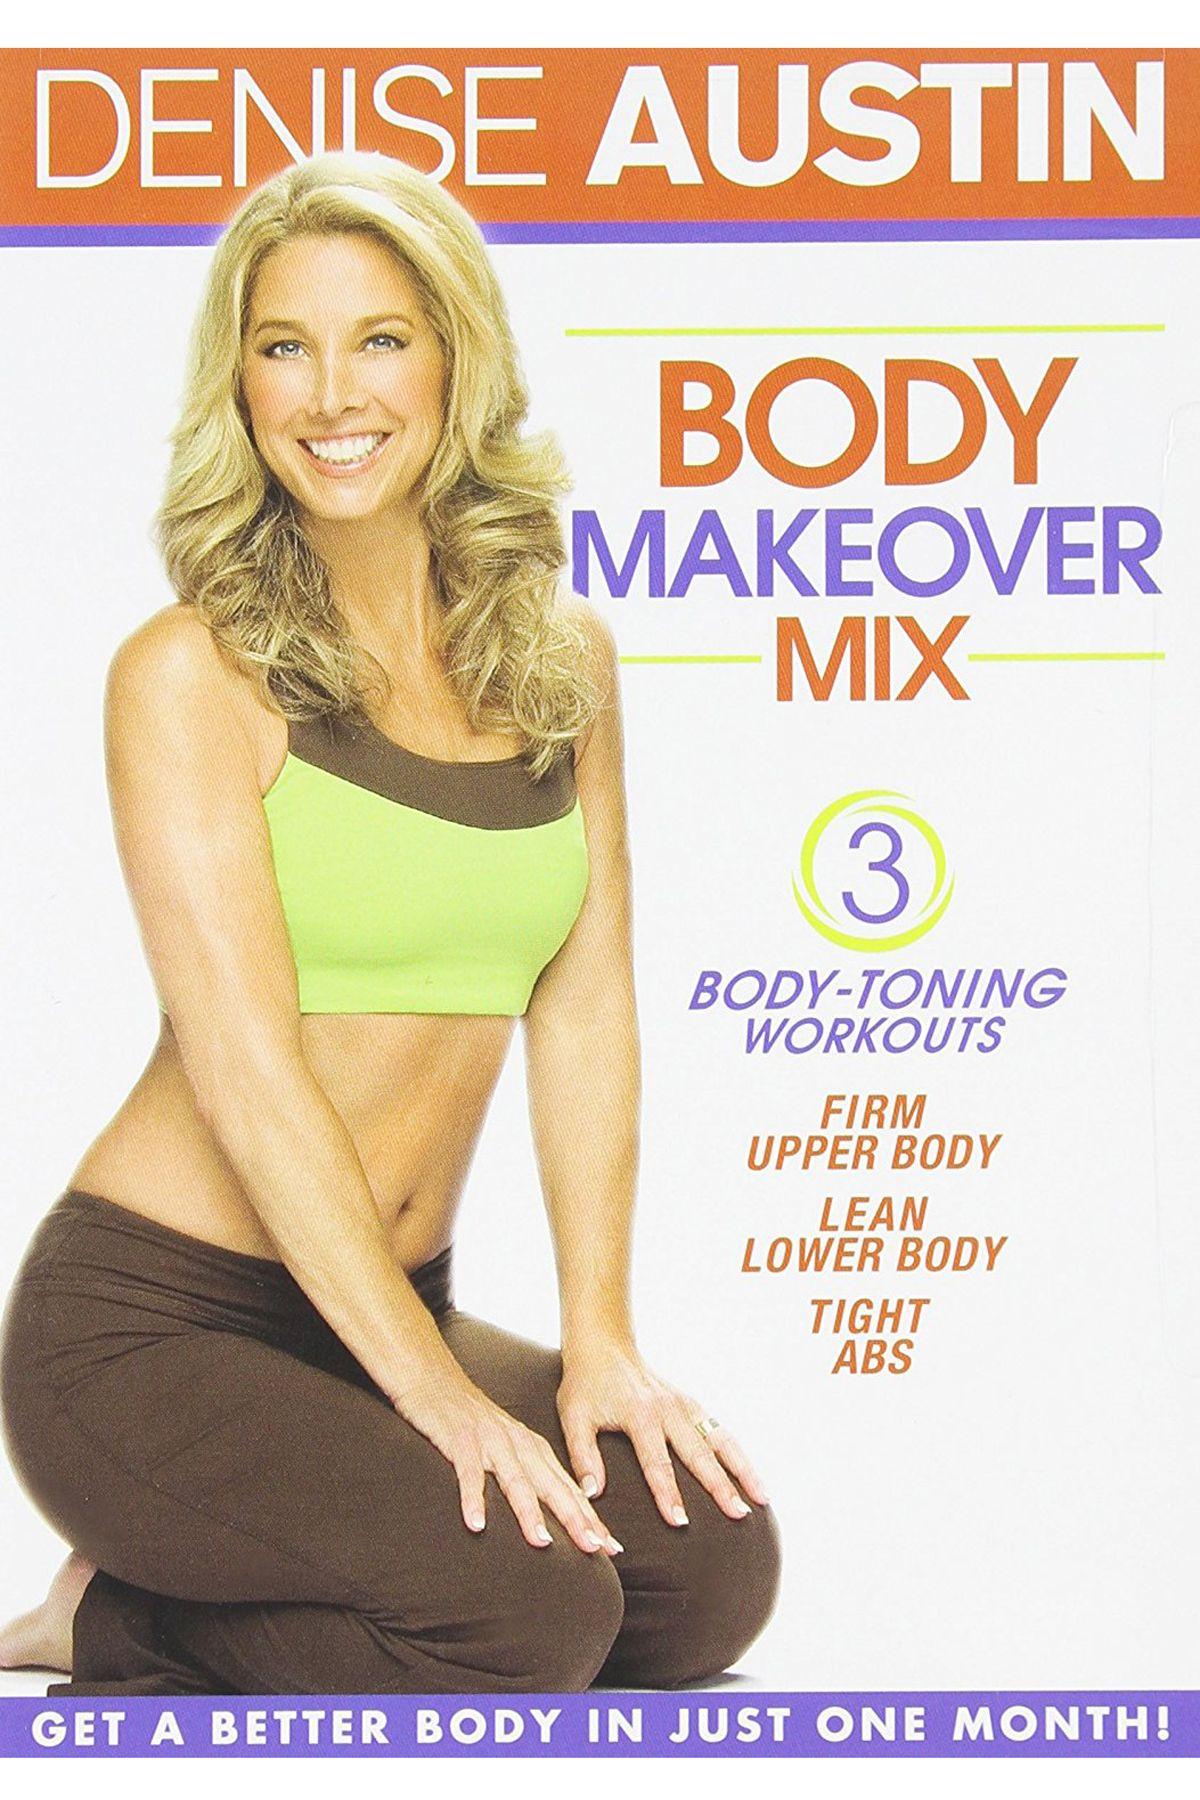 denise austin body makeover mix